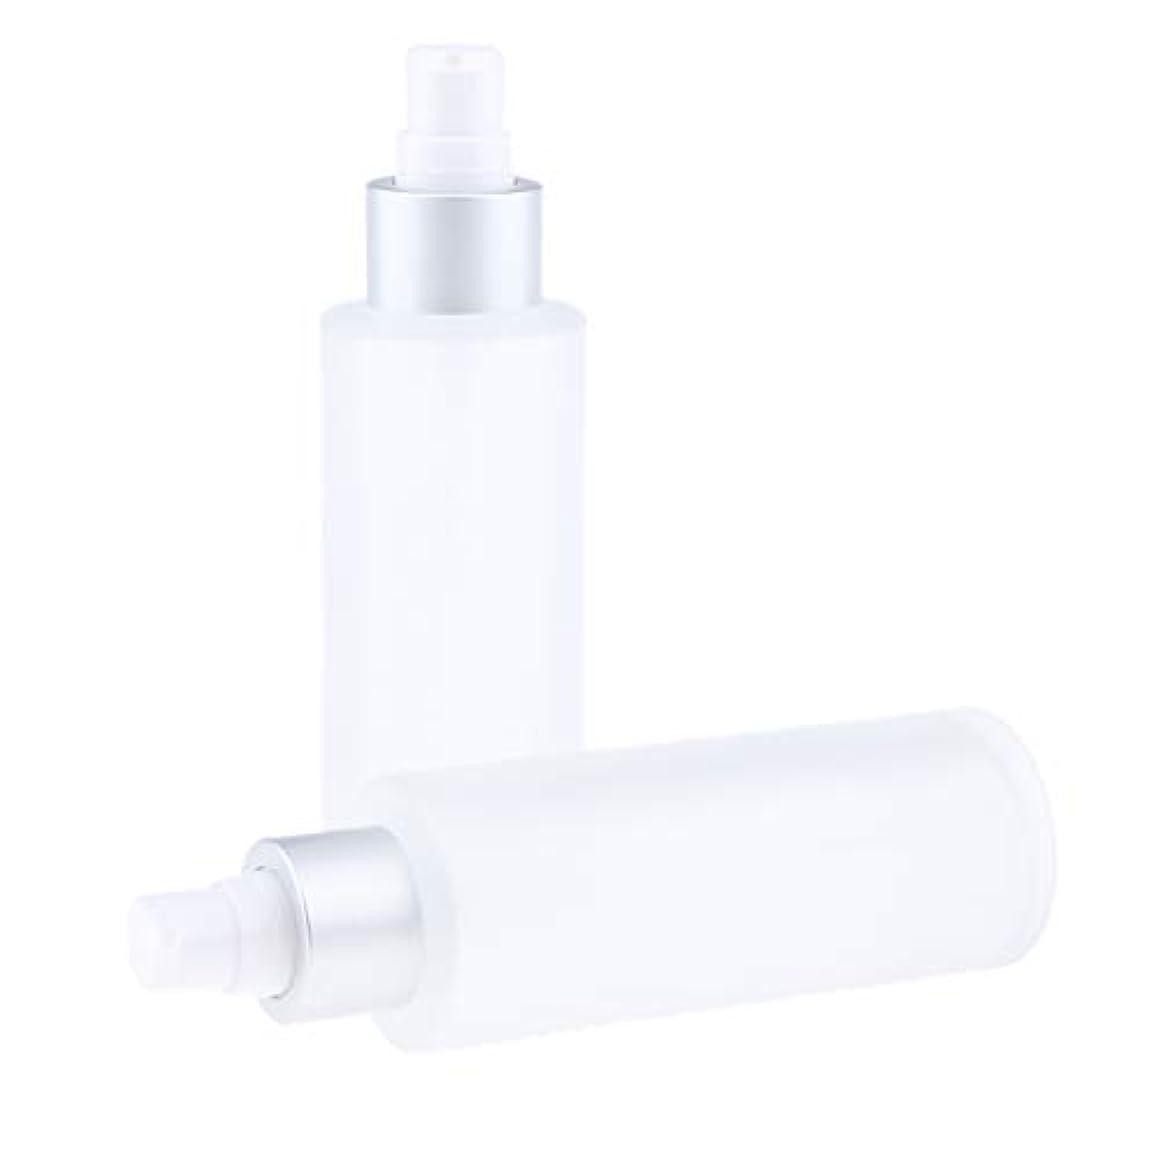 慣れているフィットポーズDYNWAVE 空ボトル 化粧品 詰替え容器 メイクアップボトル ガラス 100ミリリットル 2個入り 全2選択 - ポンプボトル